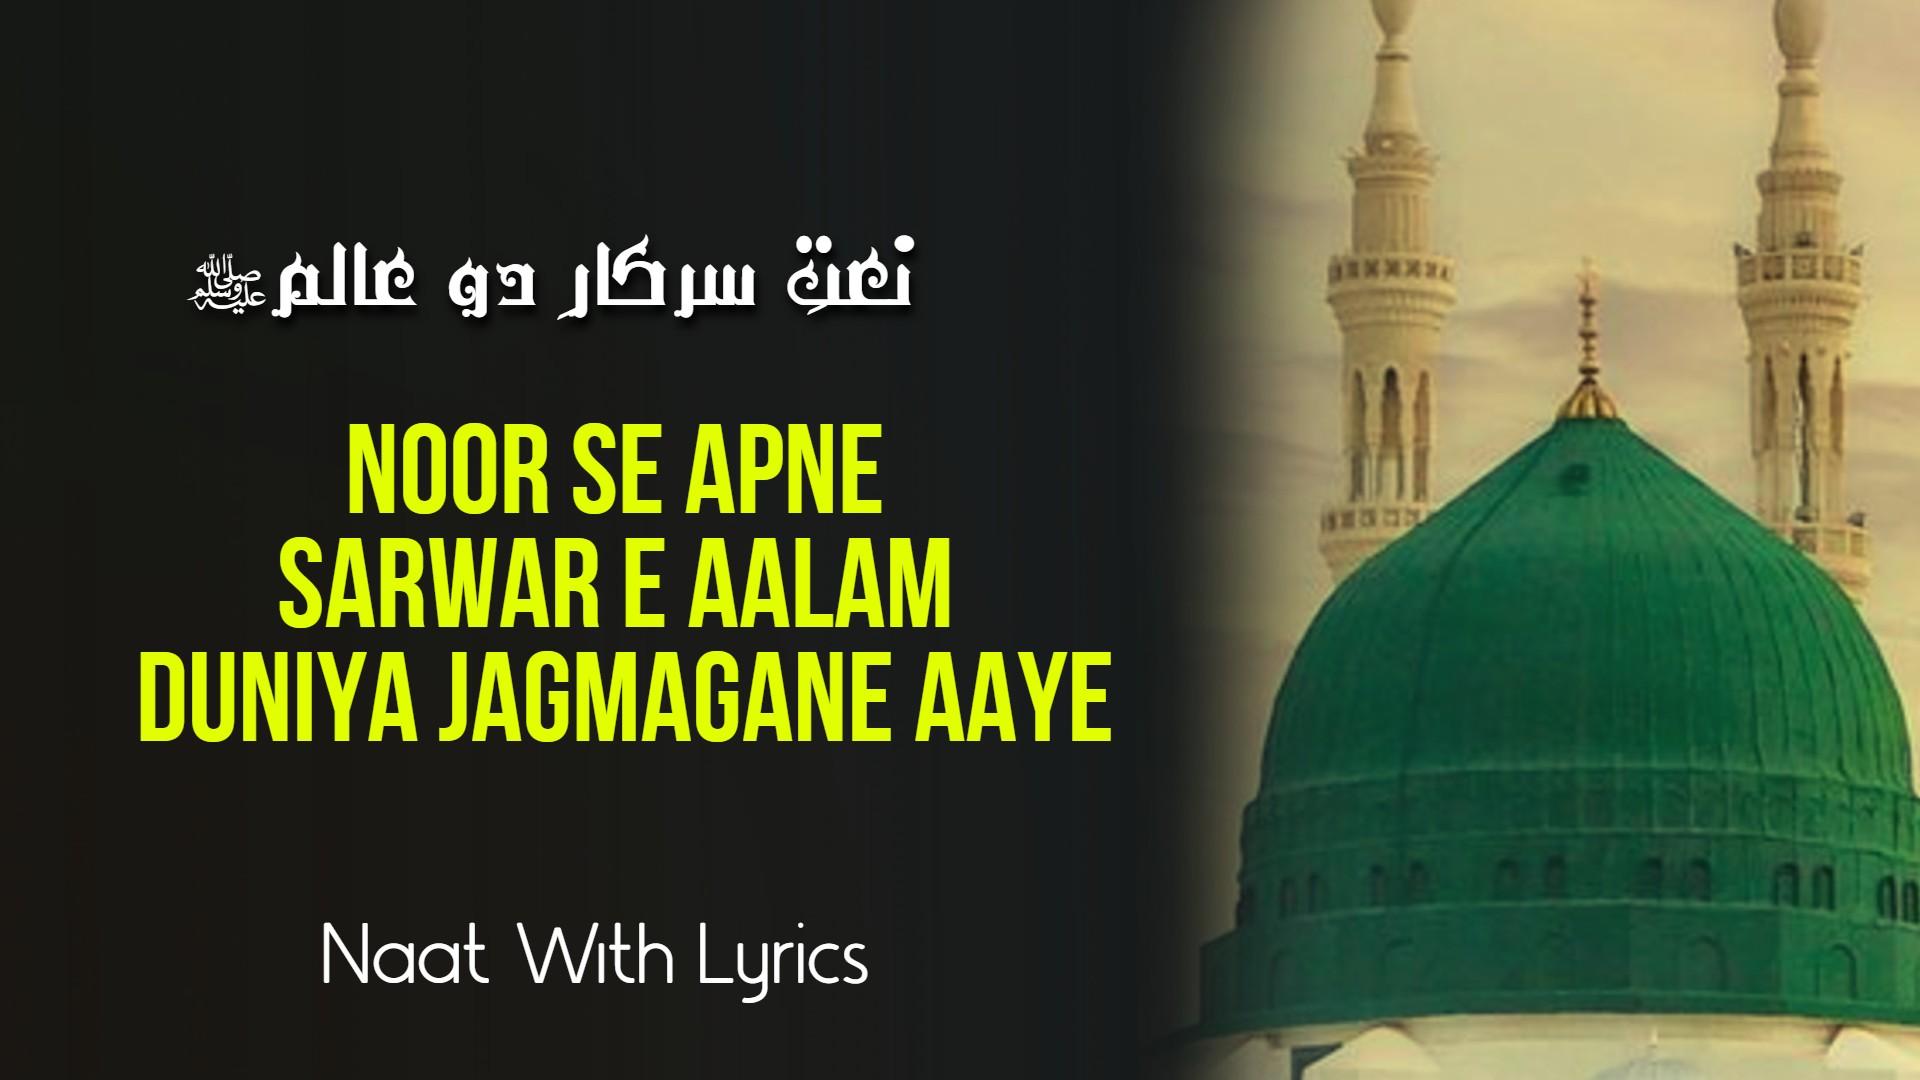 Noor Se Apne Sarwar E Aalam Duniya Jagmagane Aaye - Naat Lyrics